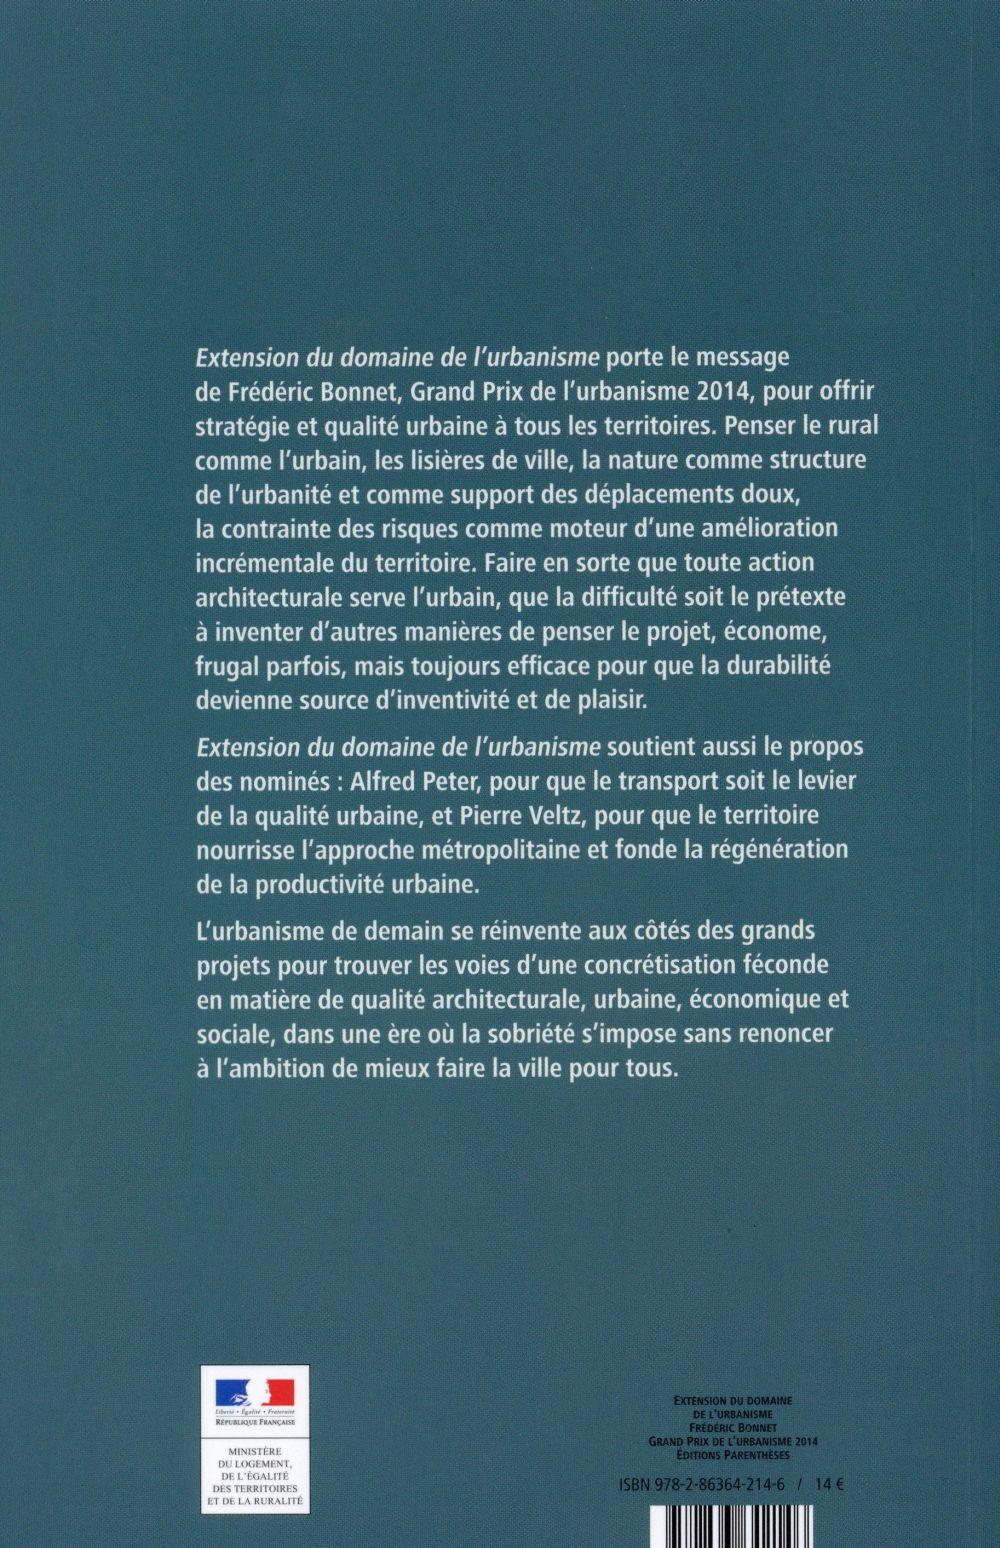 extension du domaine de l'urbanisme ; Frédéric Bonnet, Grand Prix de l'urbanisme 2014